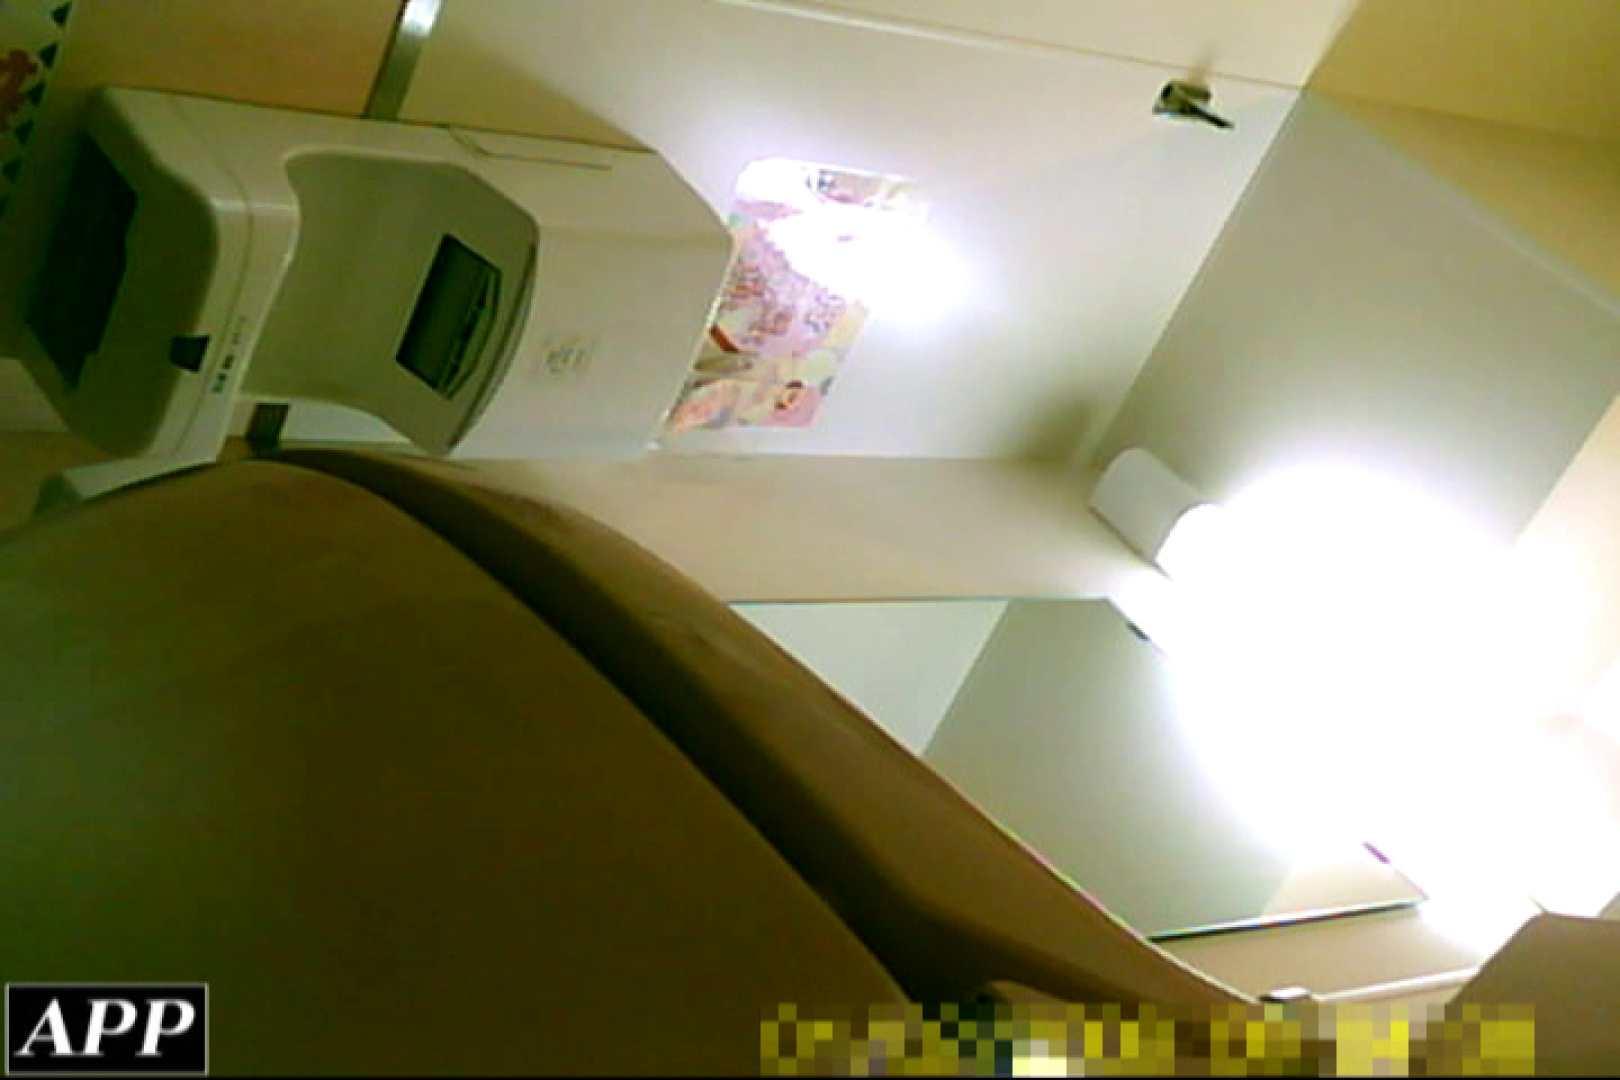 3視点洗面所 vol.06 マンコ ヌード画像 87連発 45